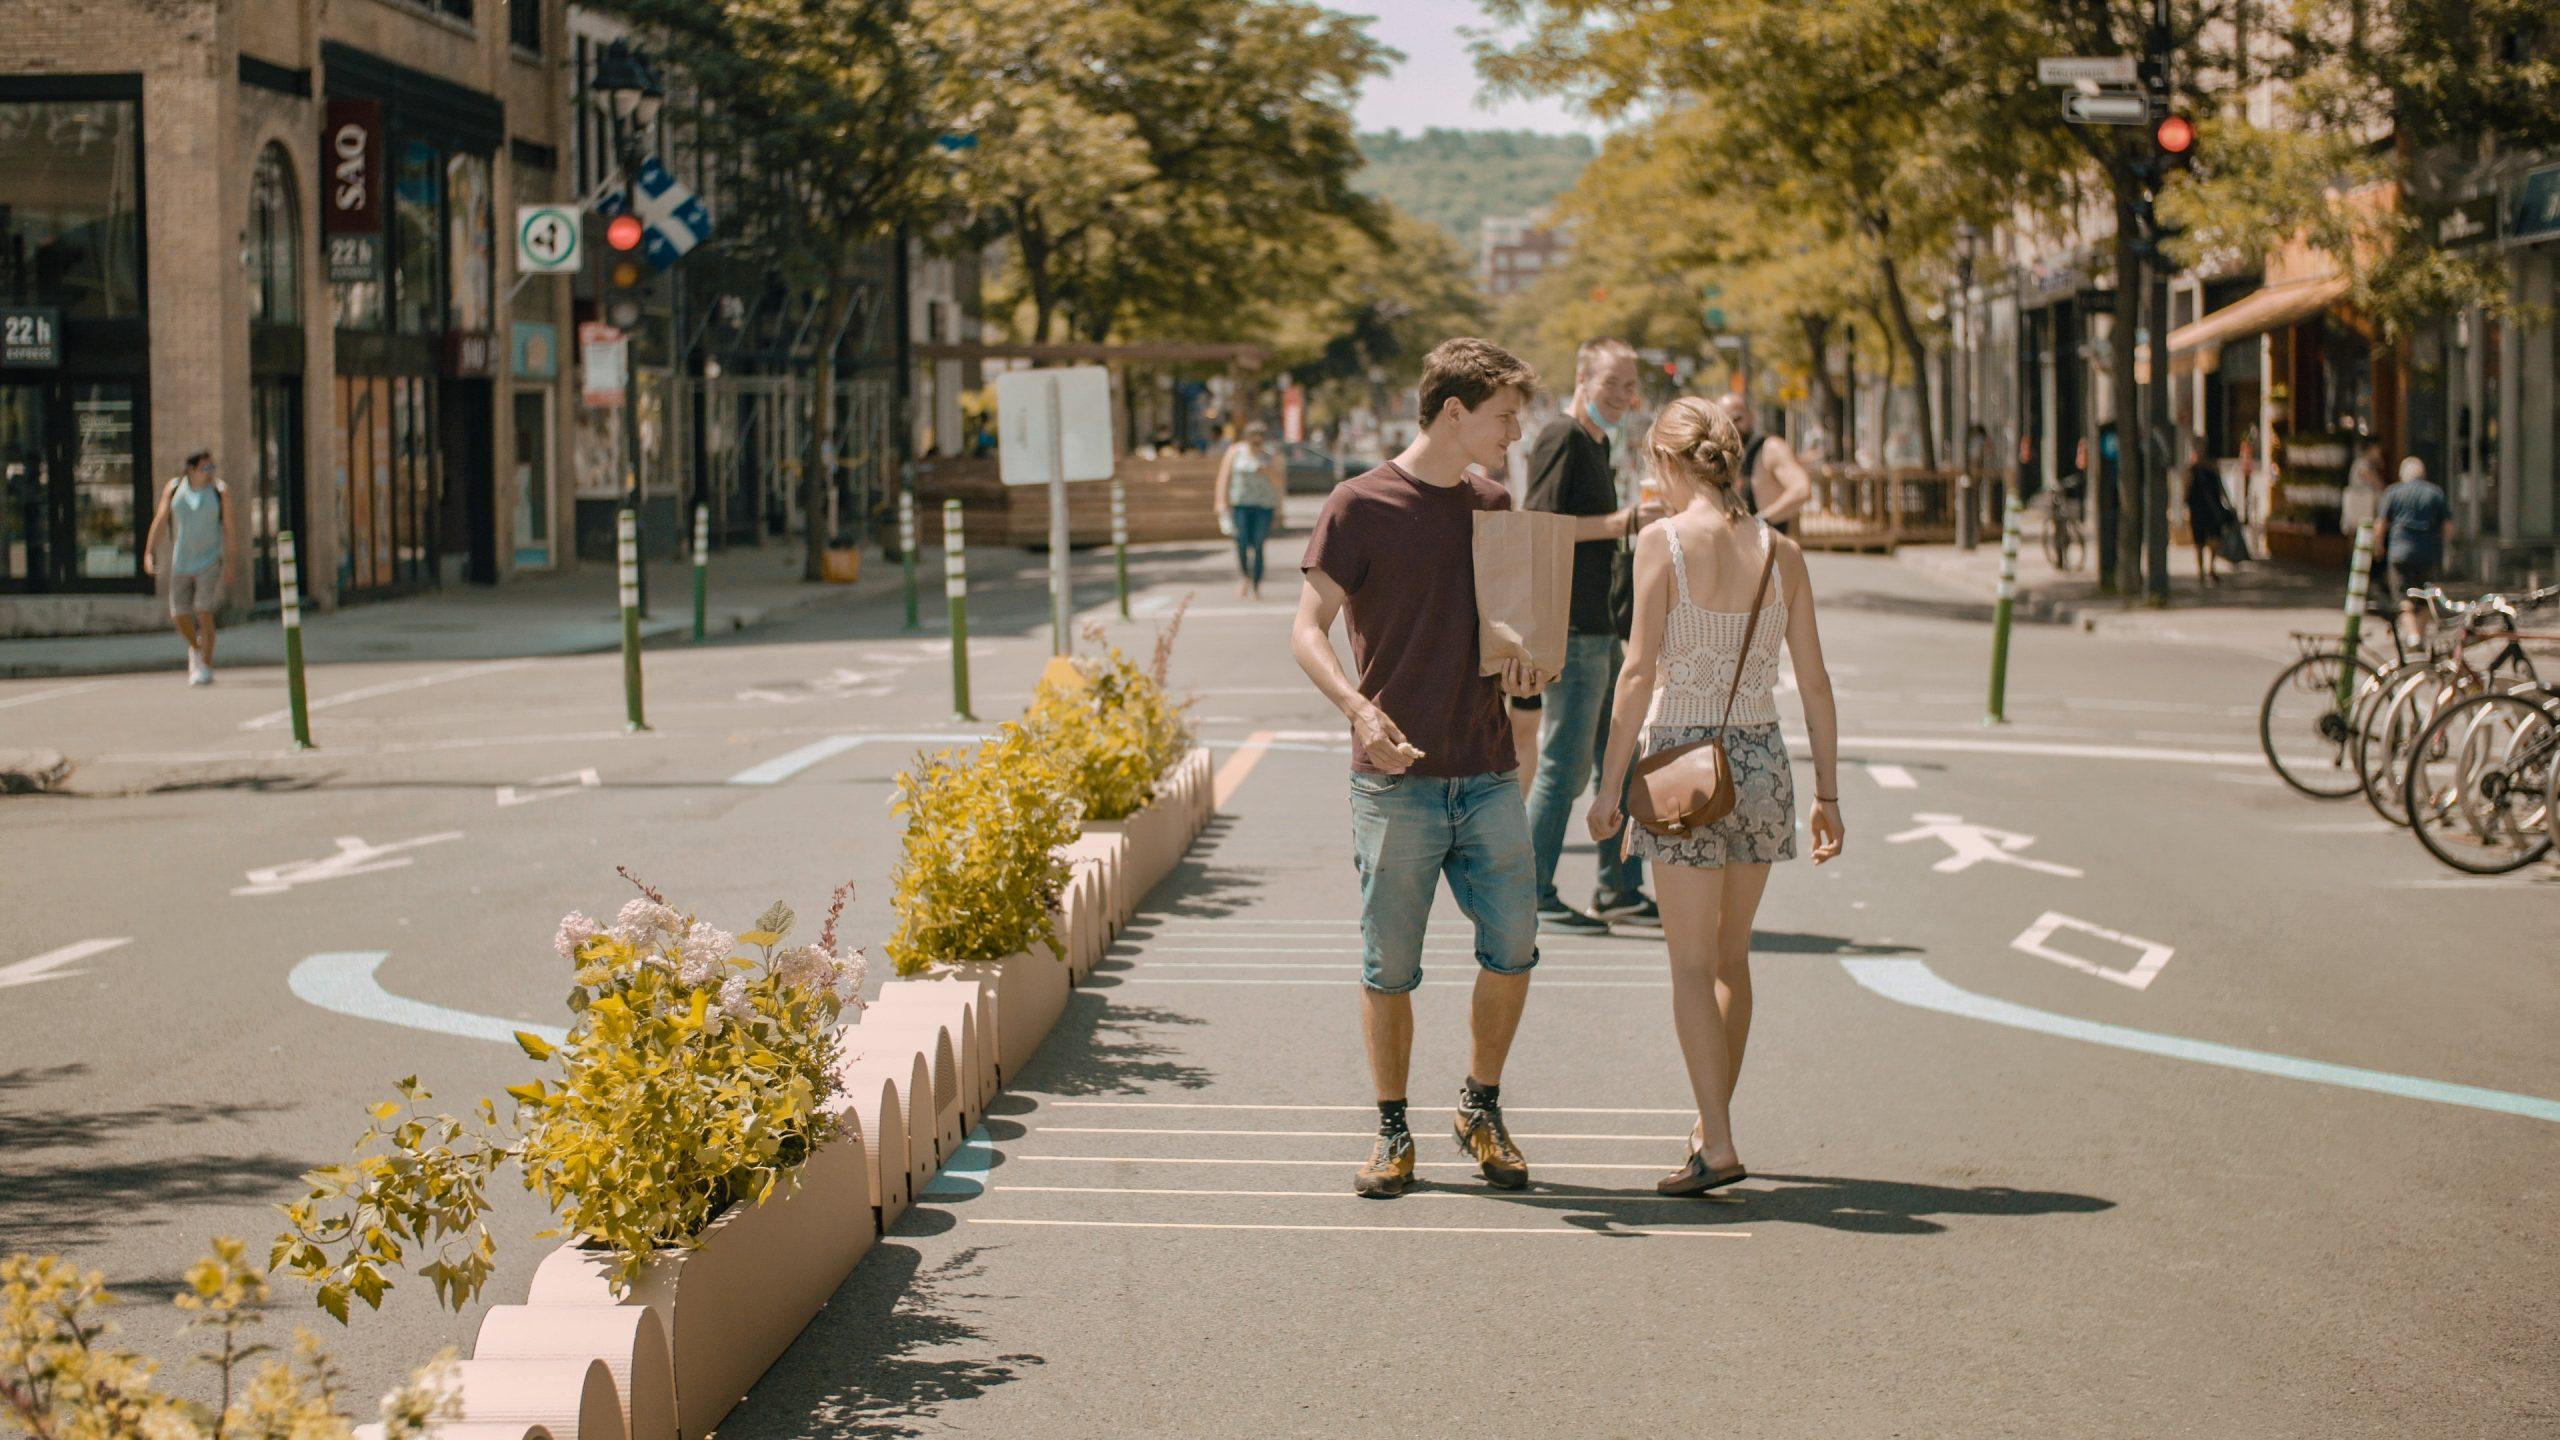 Walk Walk Dance